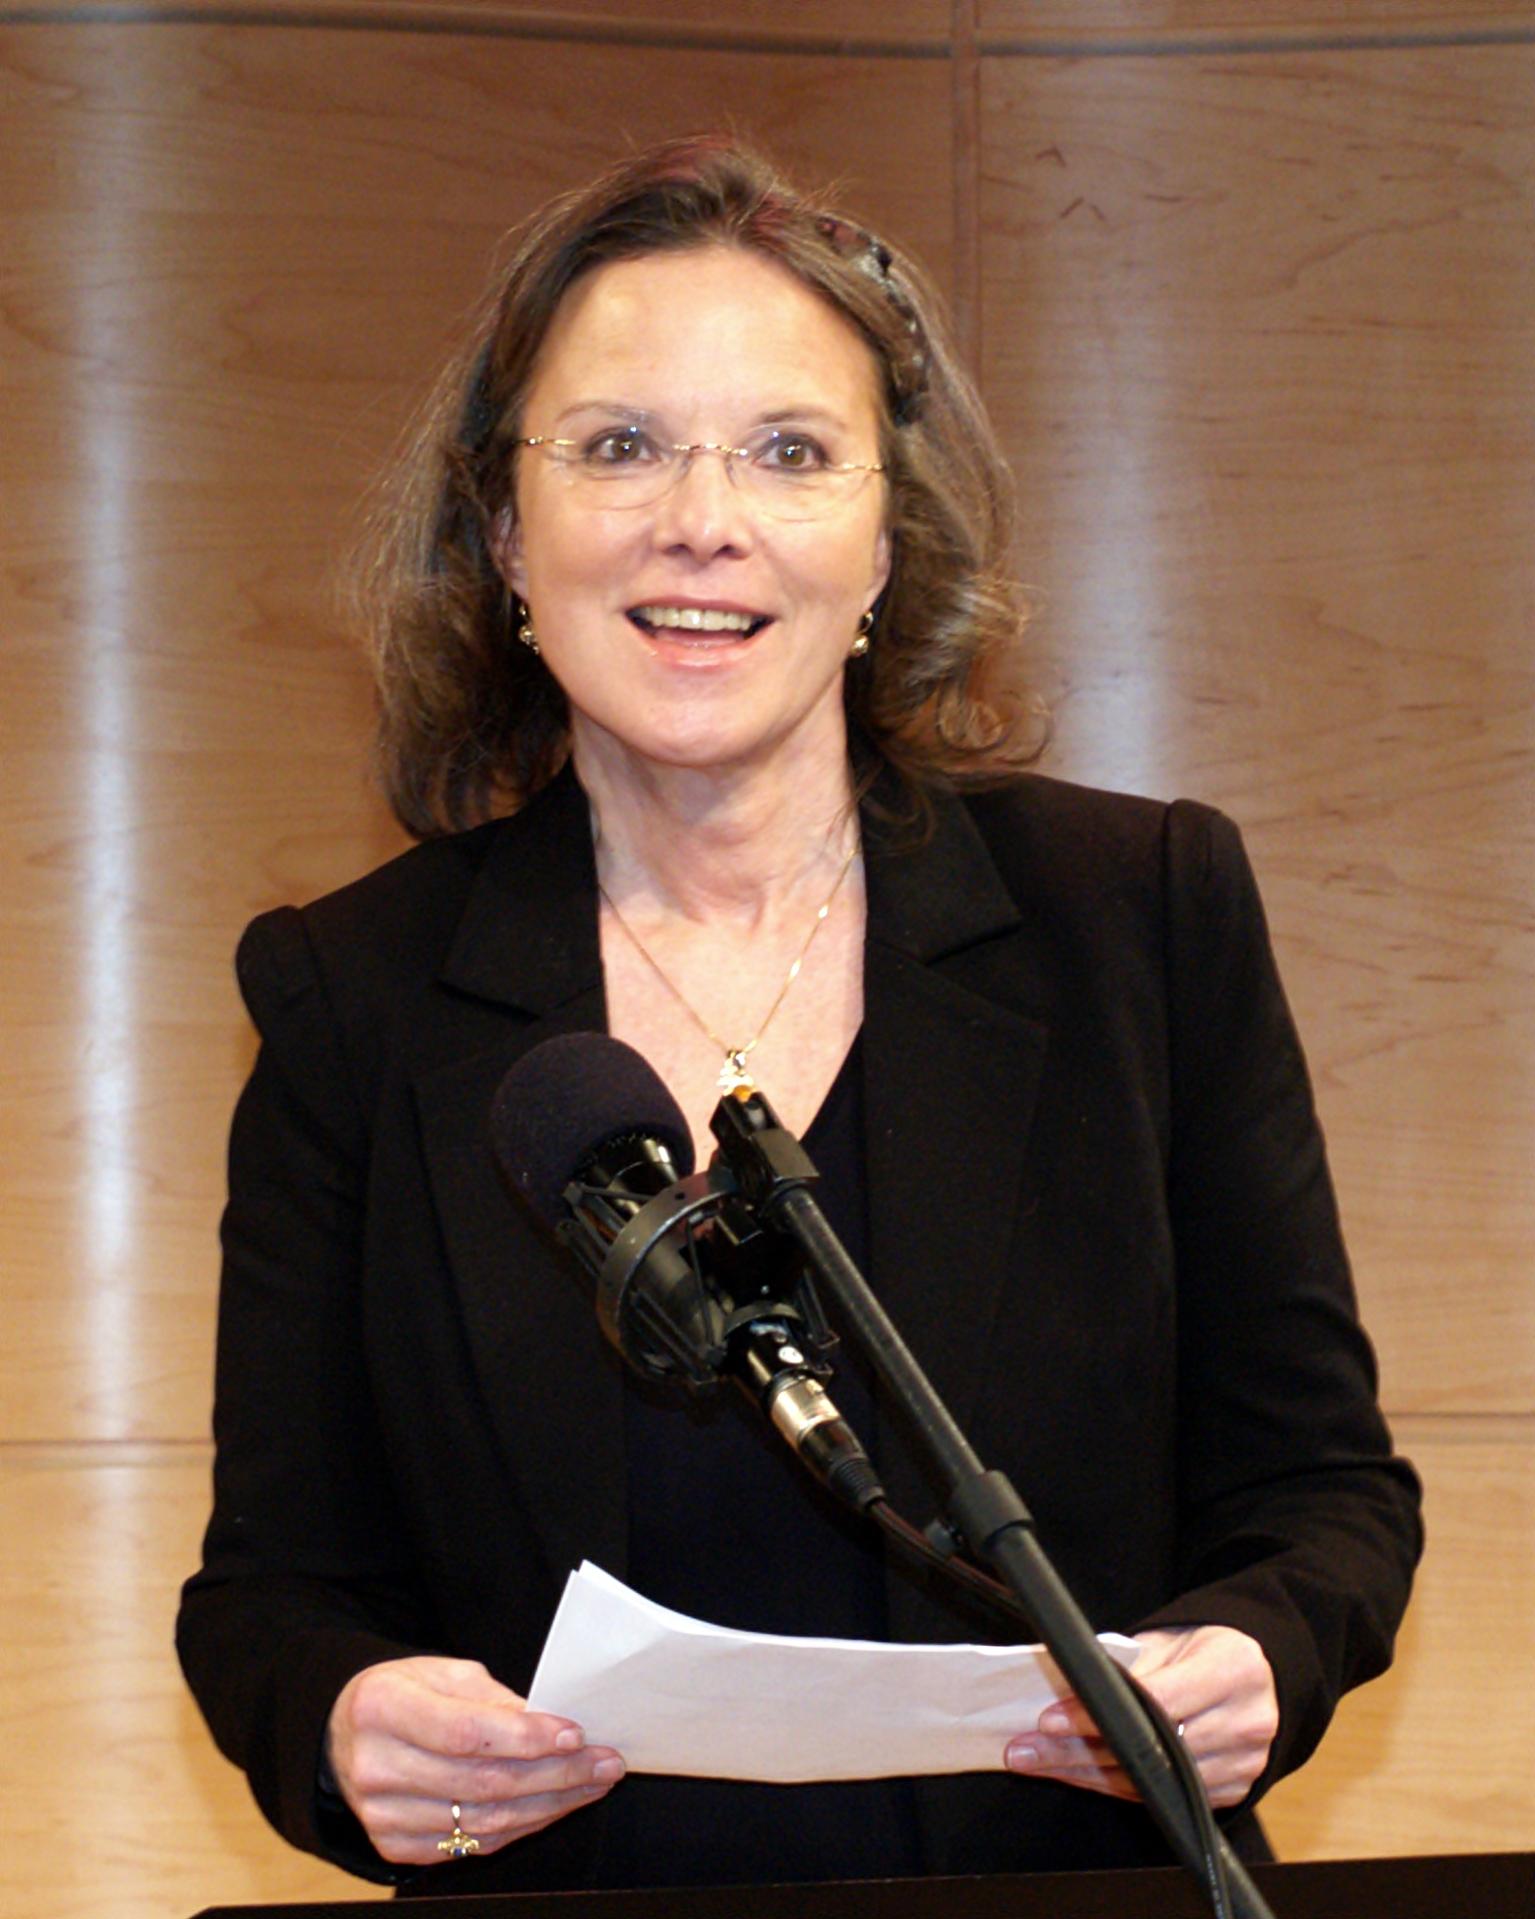 Carolyn_Forché_NBCC_2011_Shankbone.jpg